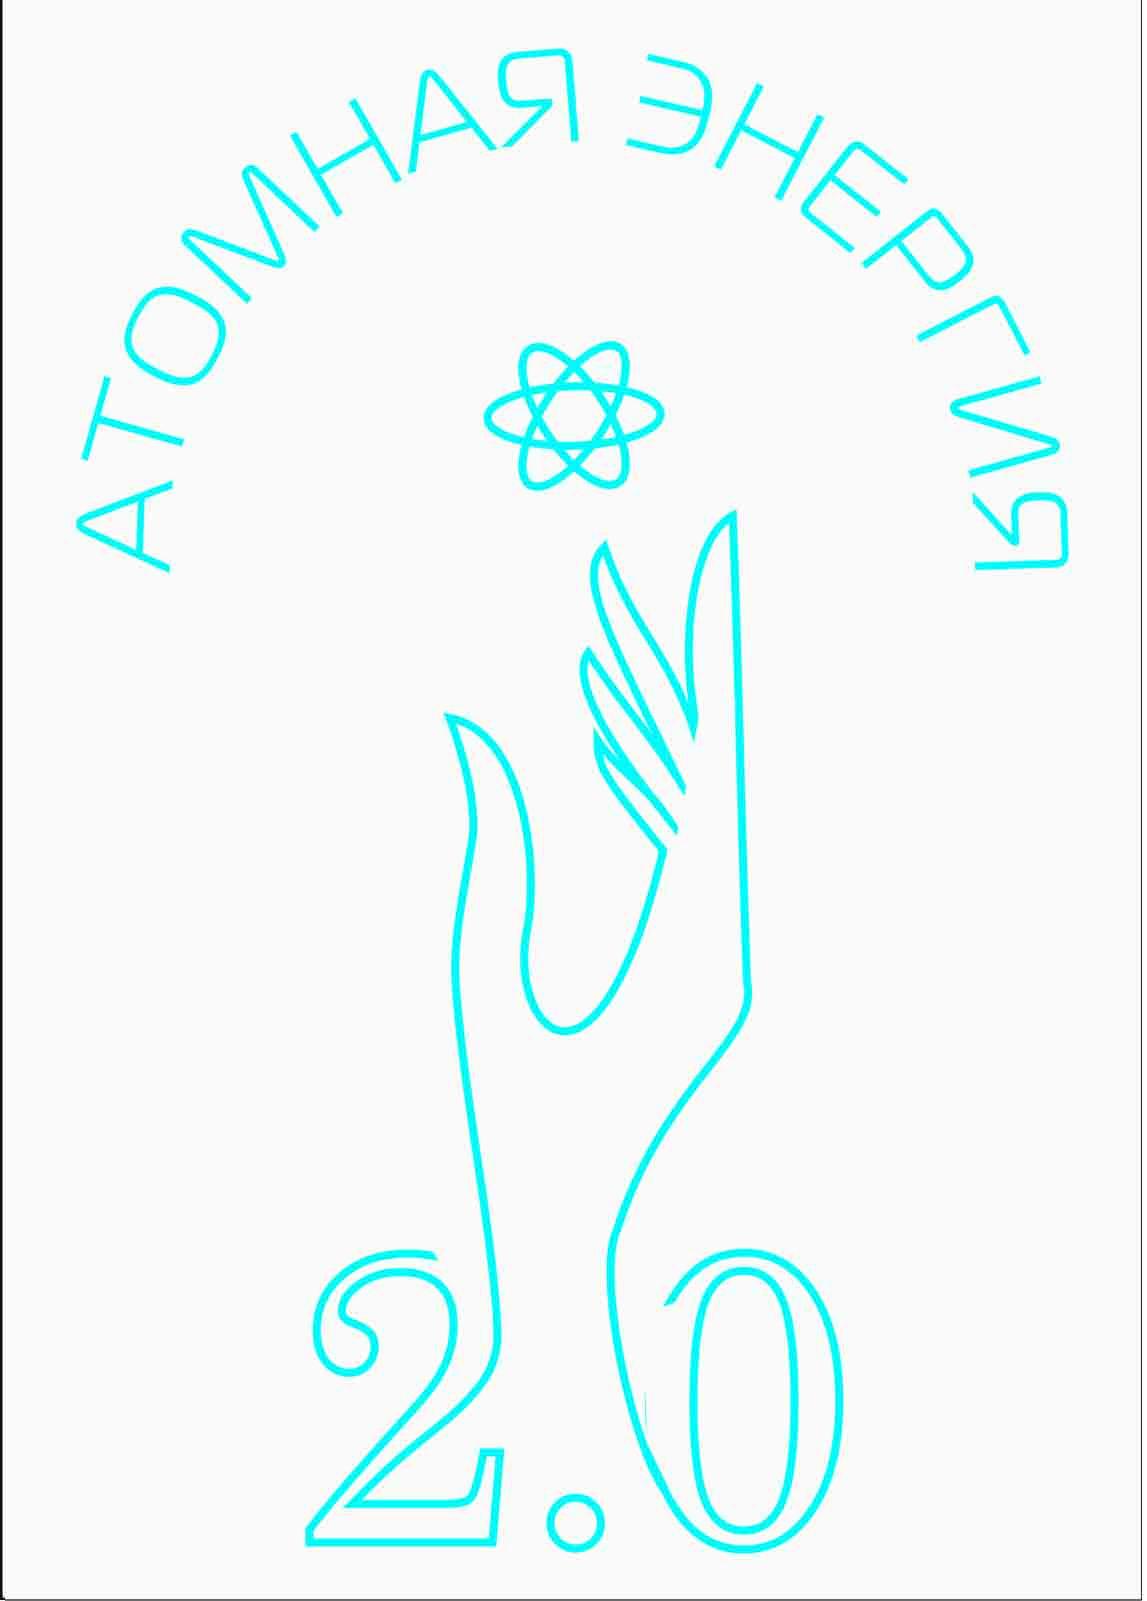 """Фирменный стиль для научного портала """"Атомная энергия 2.0"""" фото f_6185a00c29728d30.jpg"""